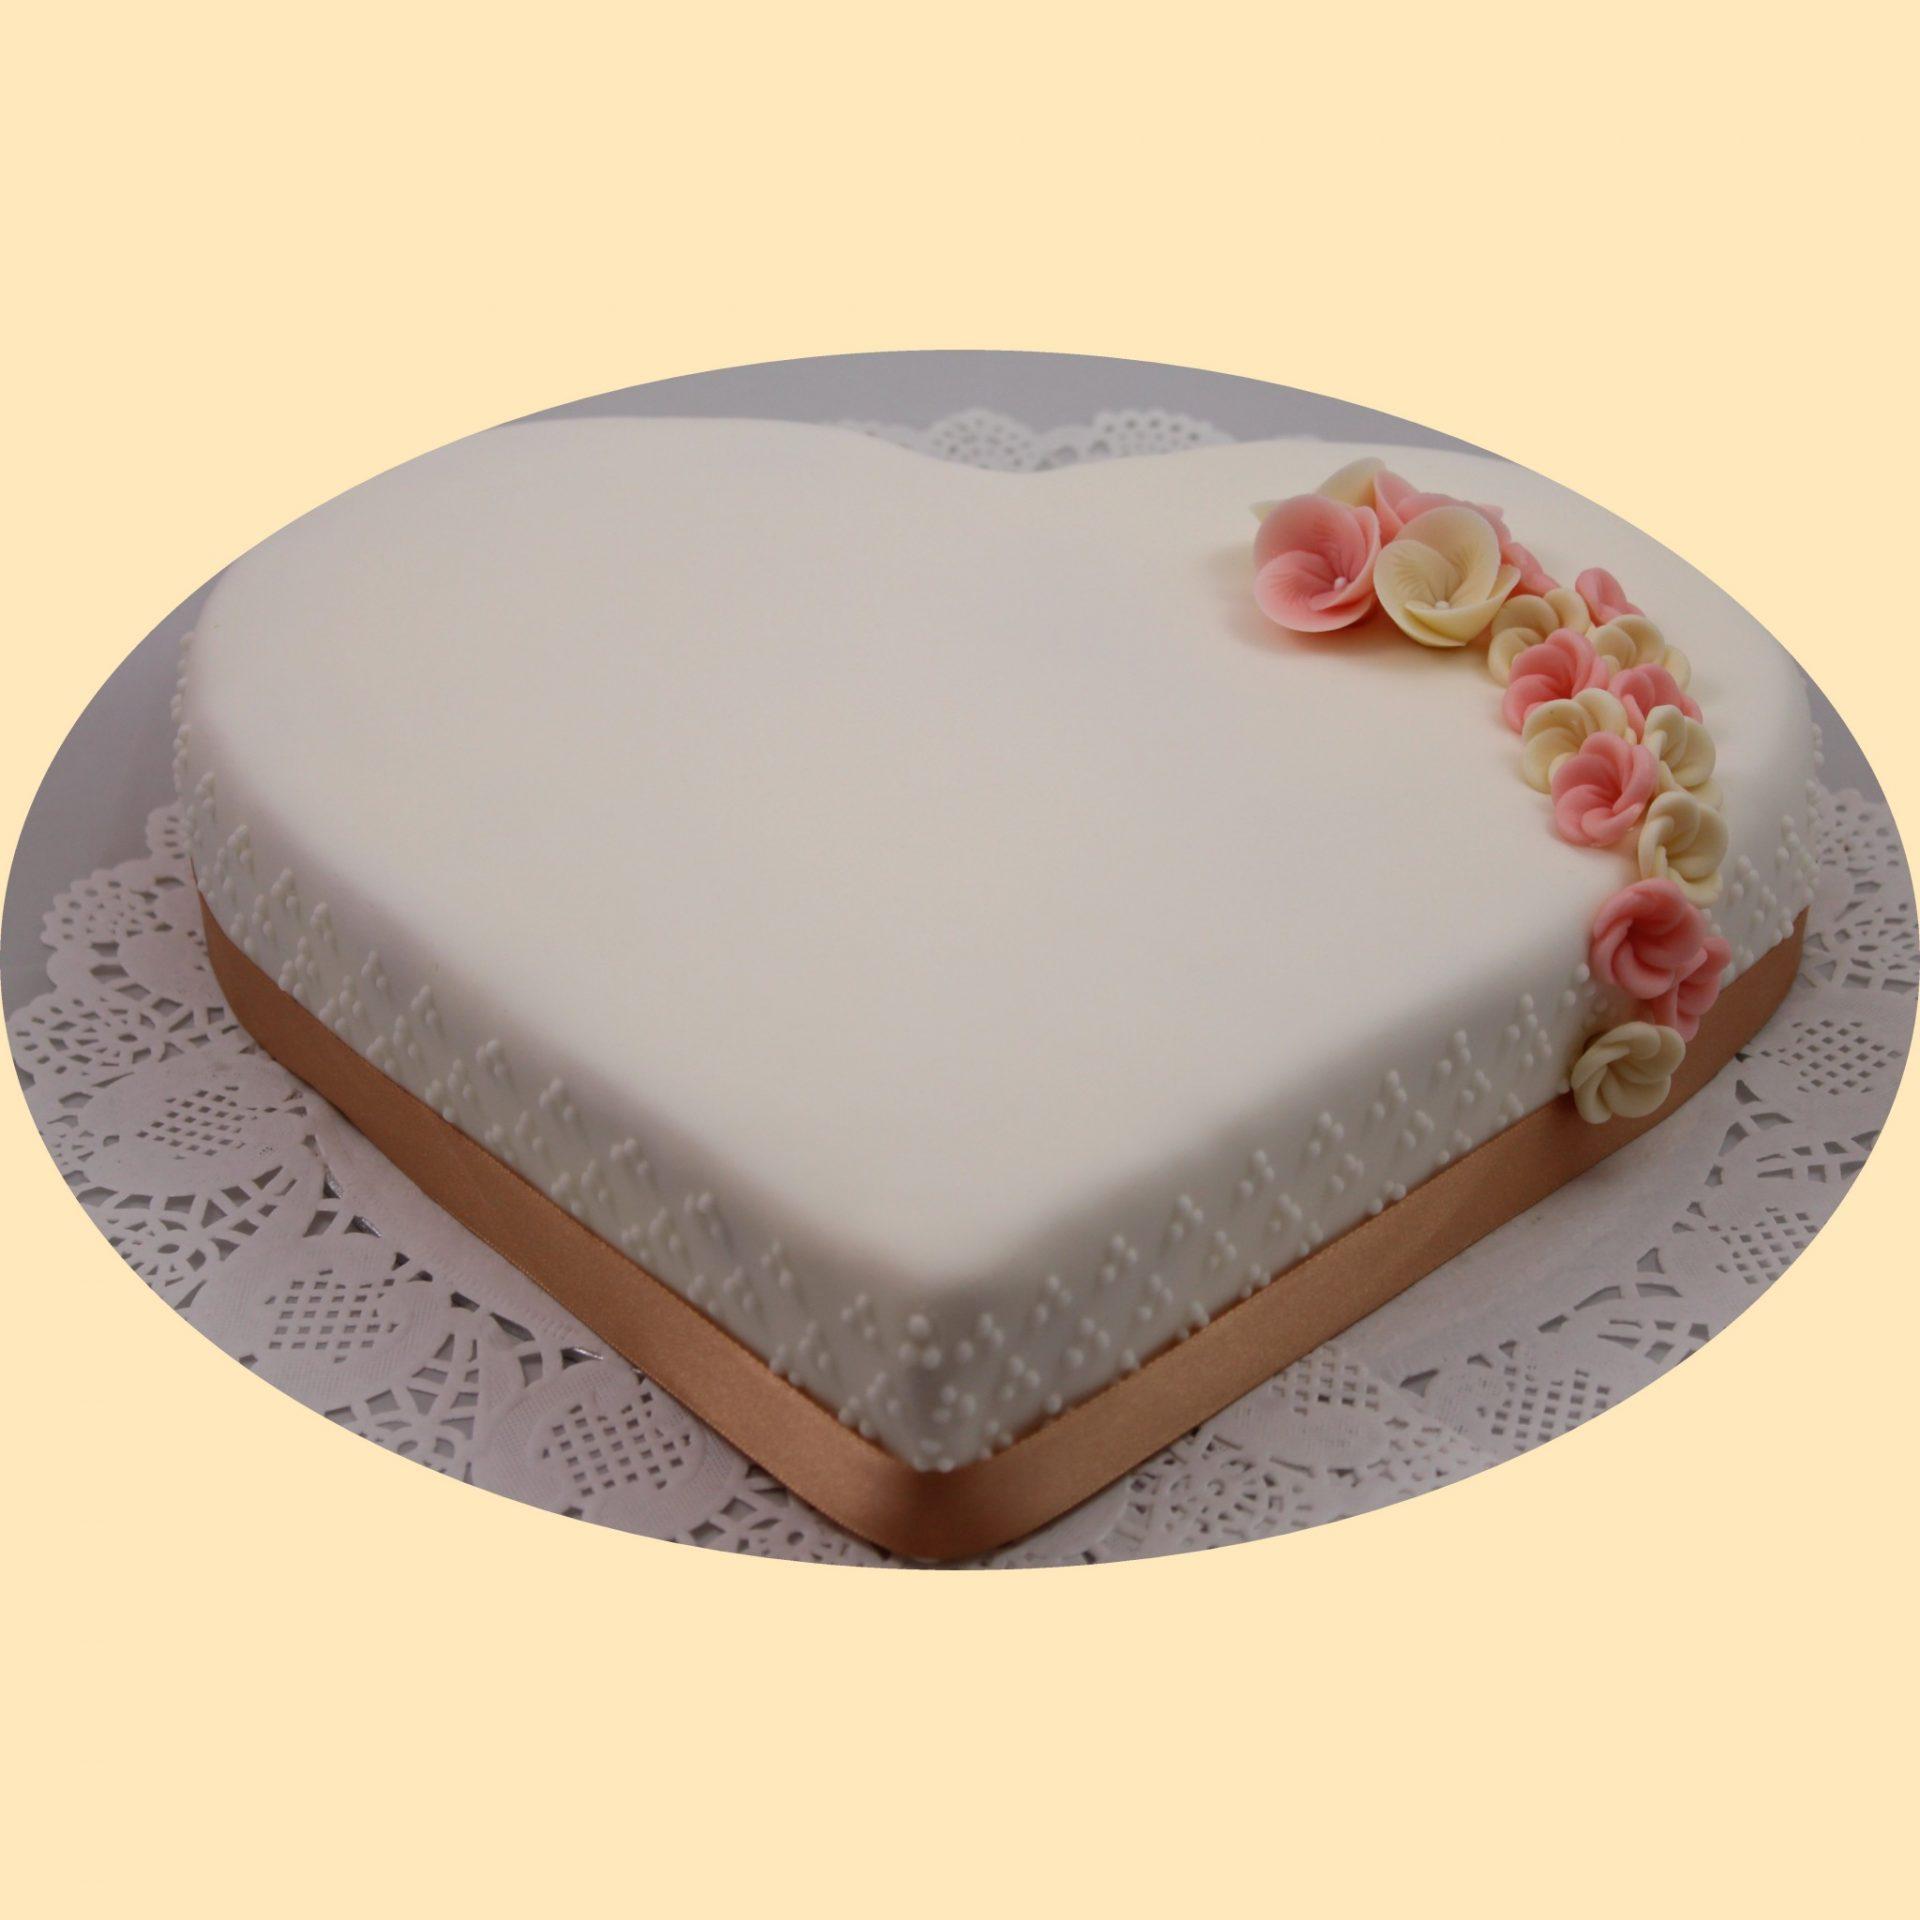 Fehér fondant bevonatos szív alakú formatorta, barna szaténszallaggal és fehér, rózsaszín apróvirággal díszítve.